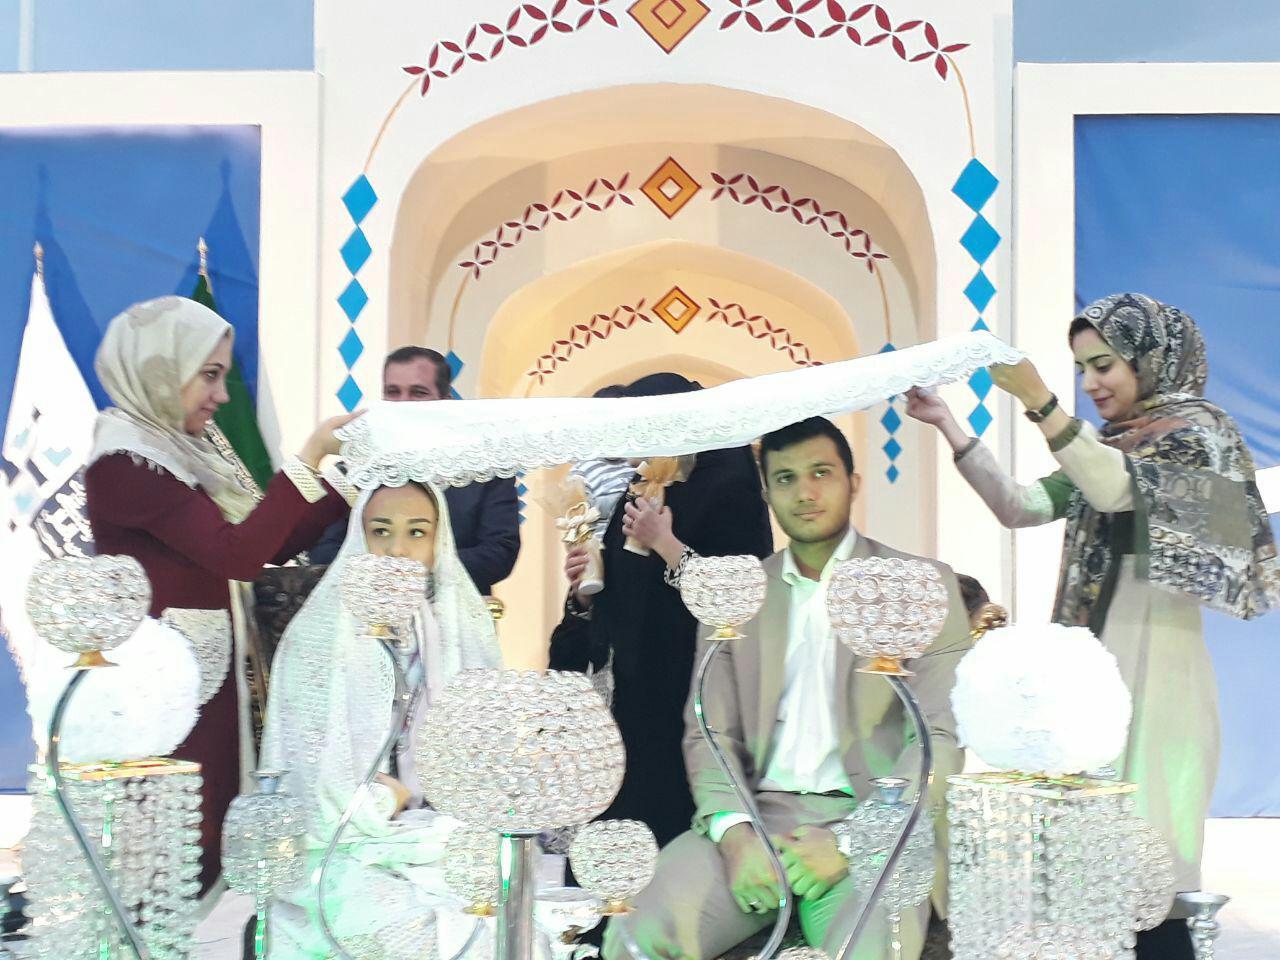 برگزاری نمایشگاه سنت نبوی در مشهد